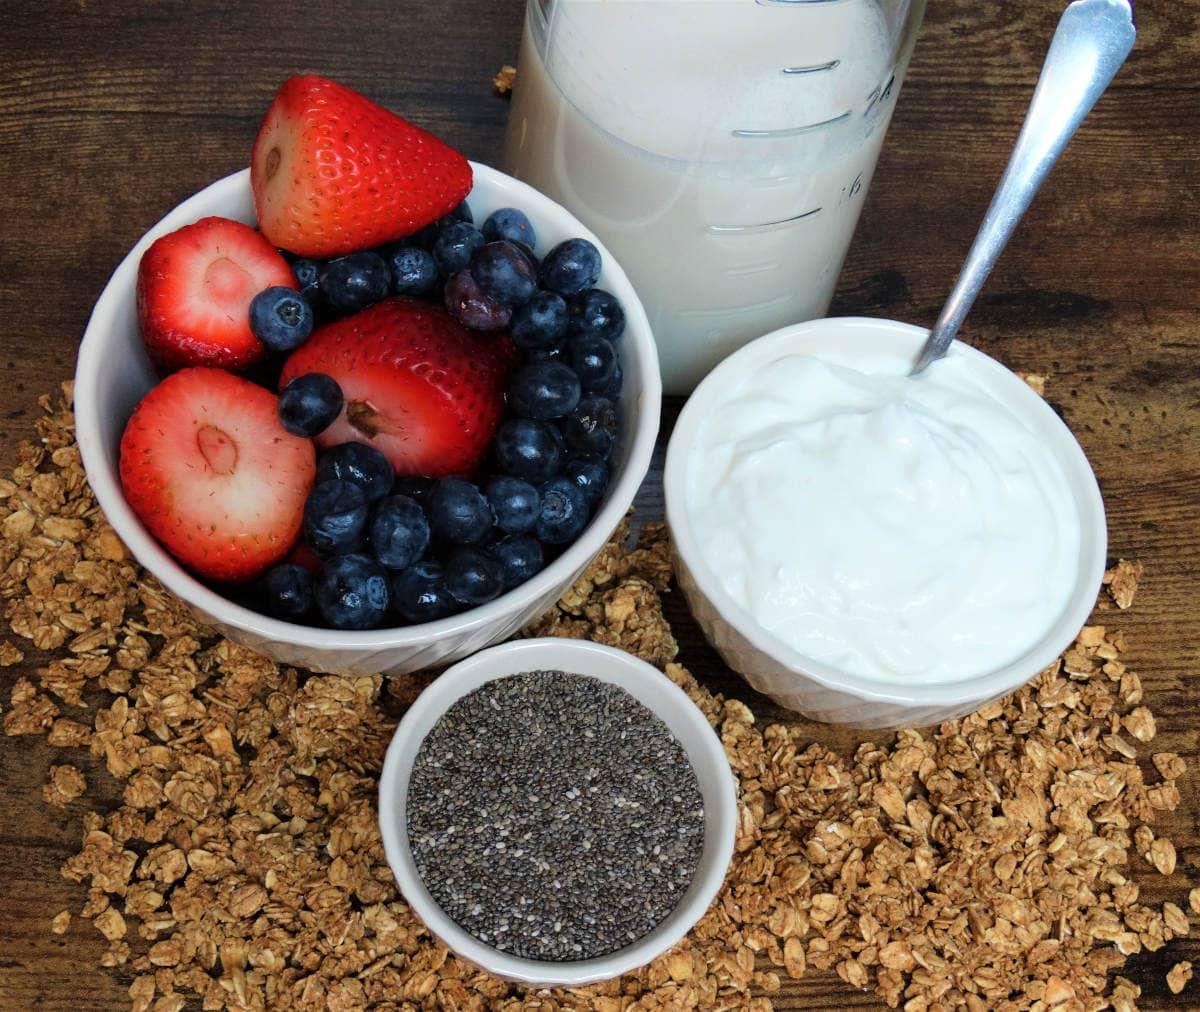 Ingredients - Strawberries, blueberries, chia seeds